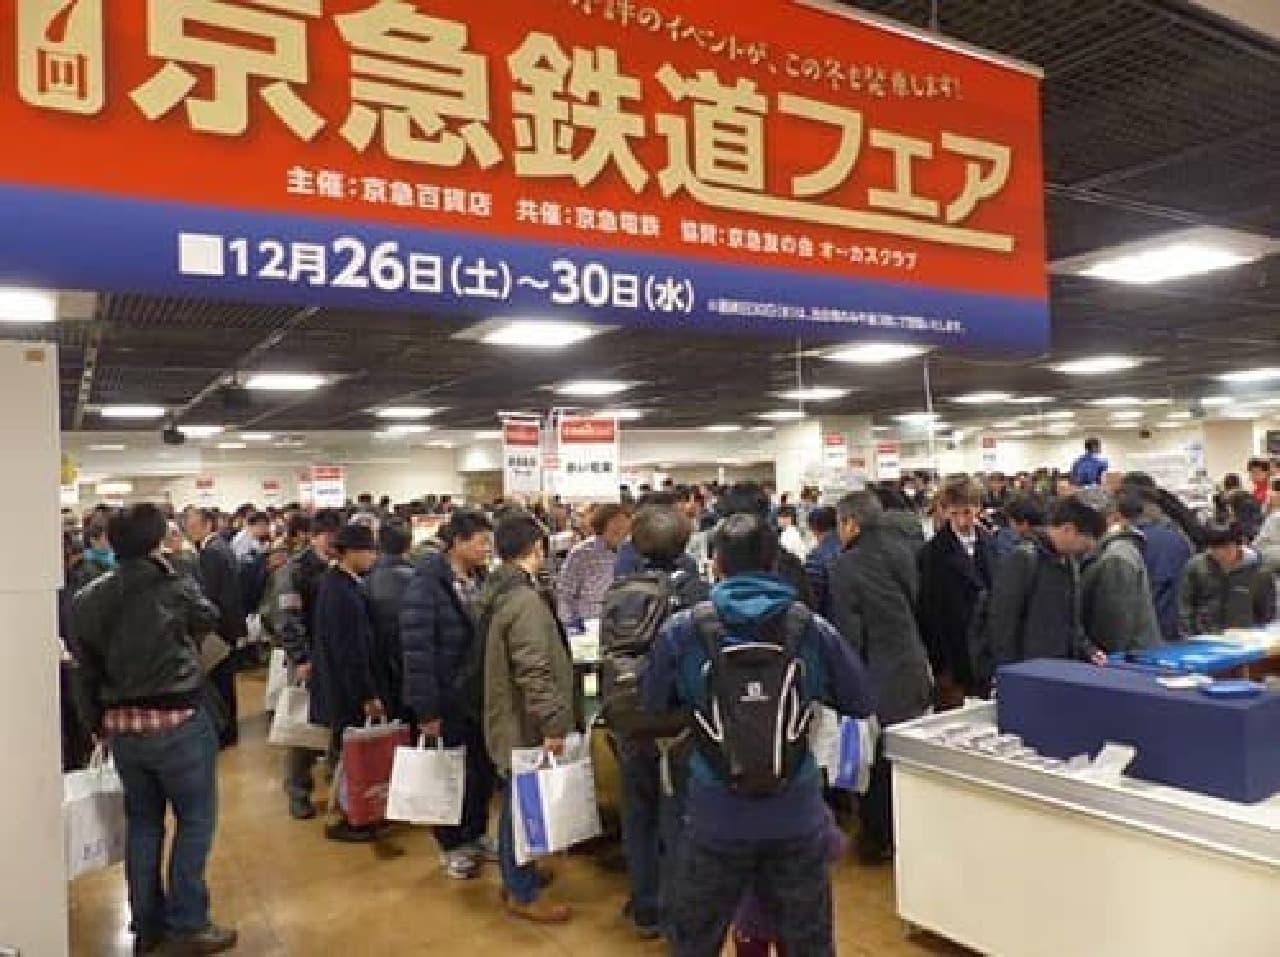 京急鉄道フェアのようす